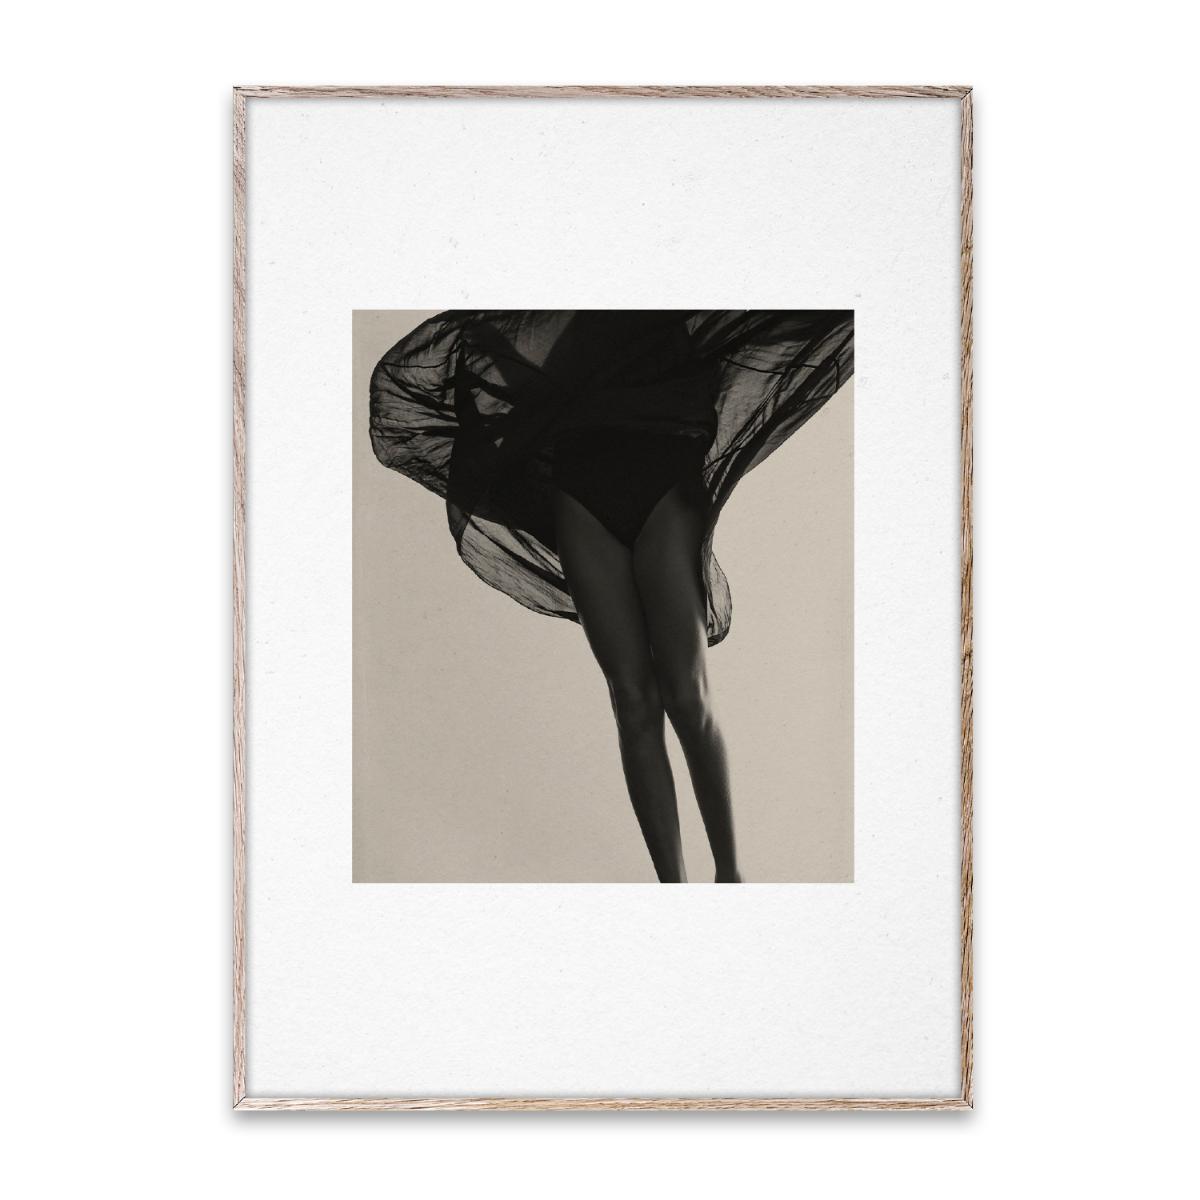 Designtorget Poster Translucent I 30x40 cm